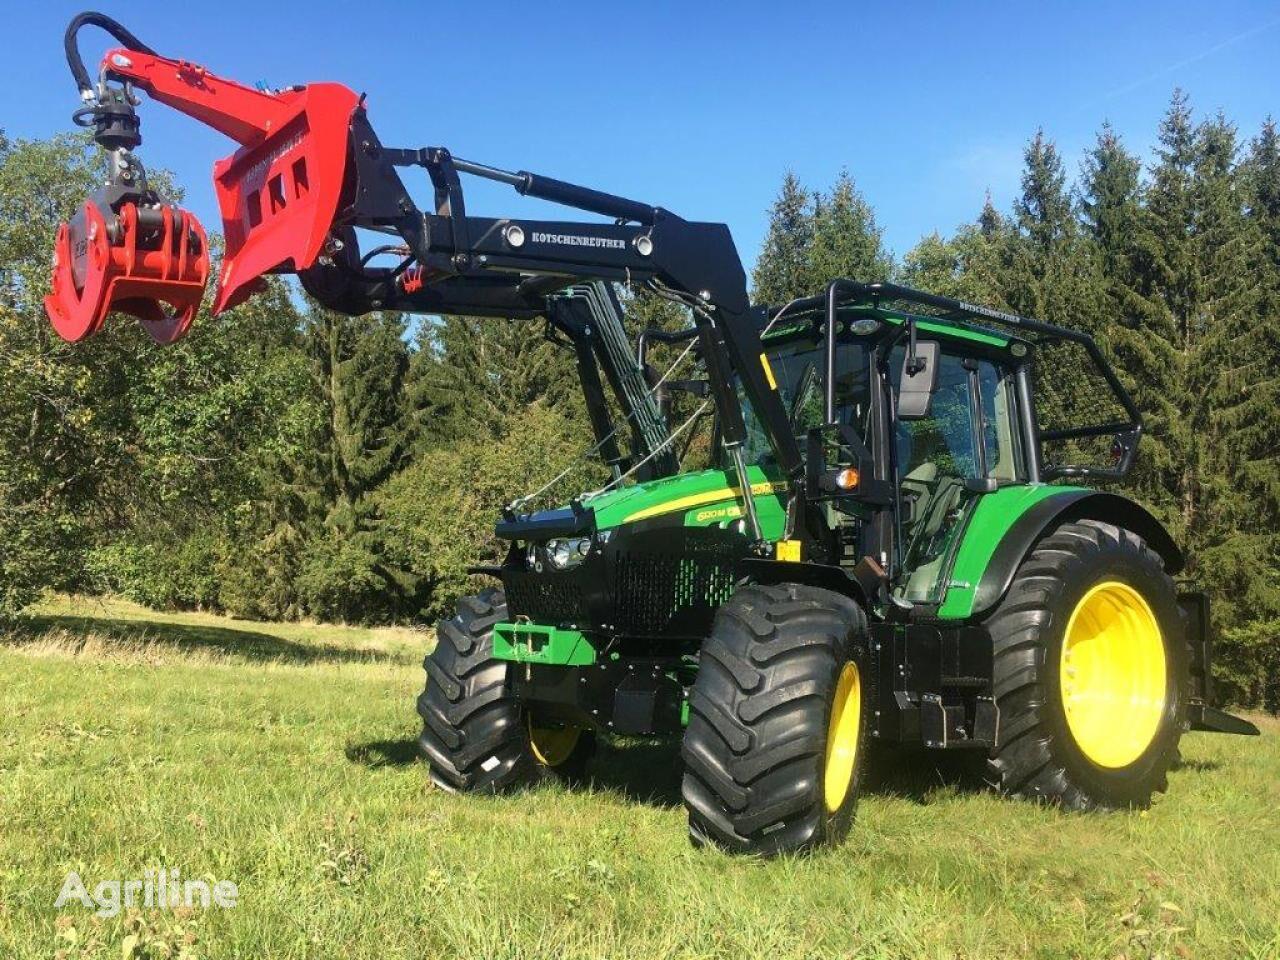 new JOHN DEERE 6120M UVV Schlepper harvester